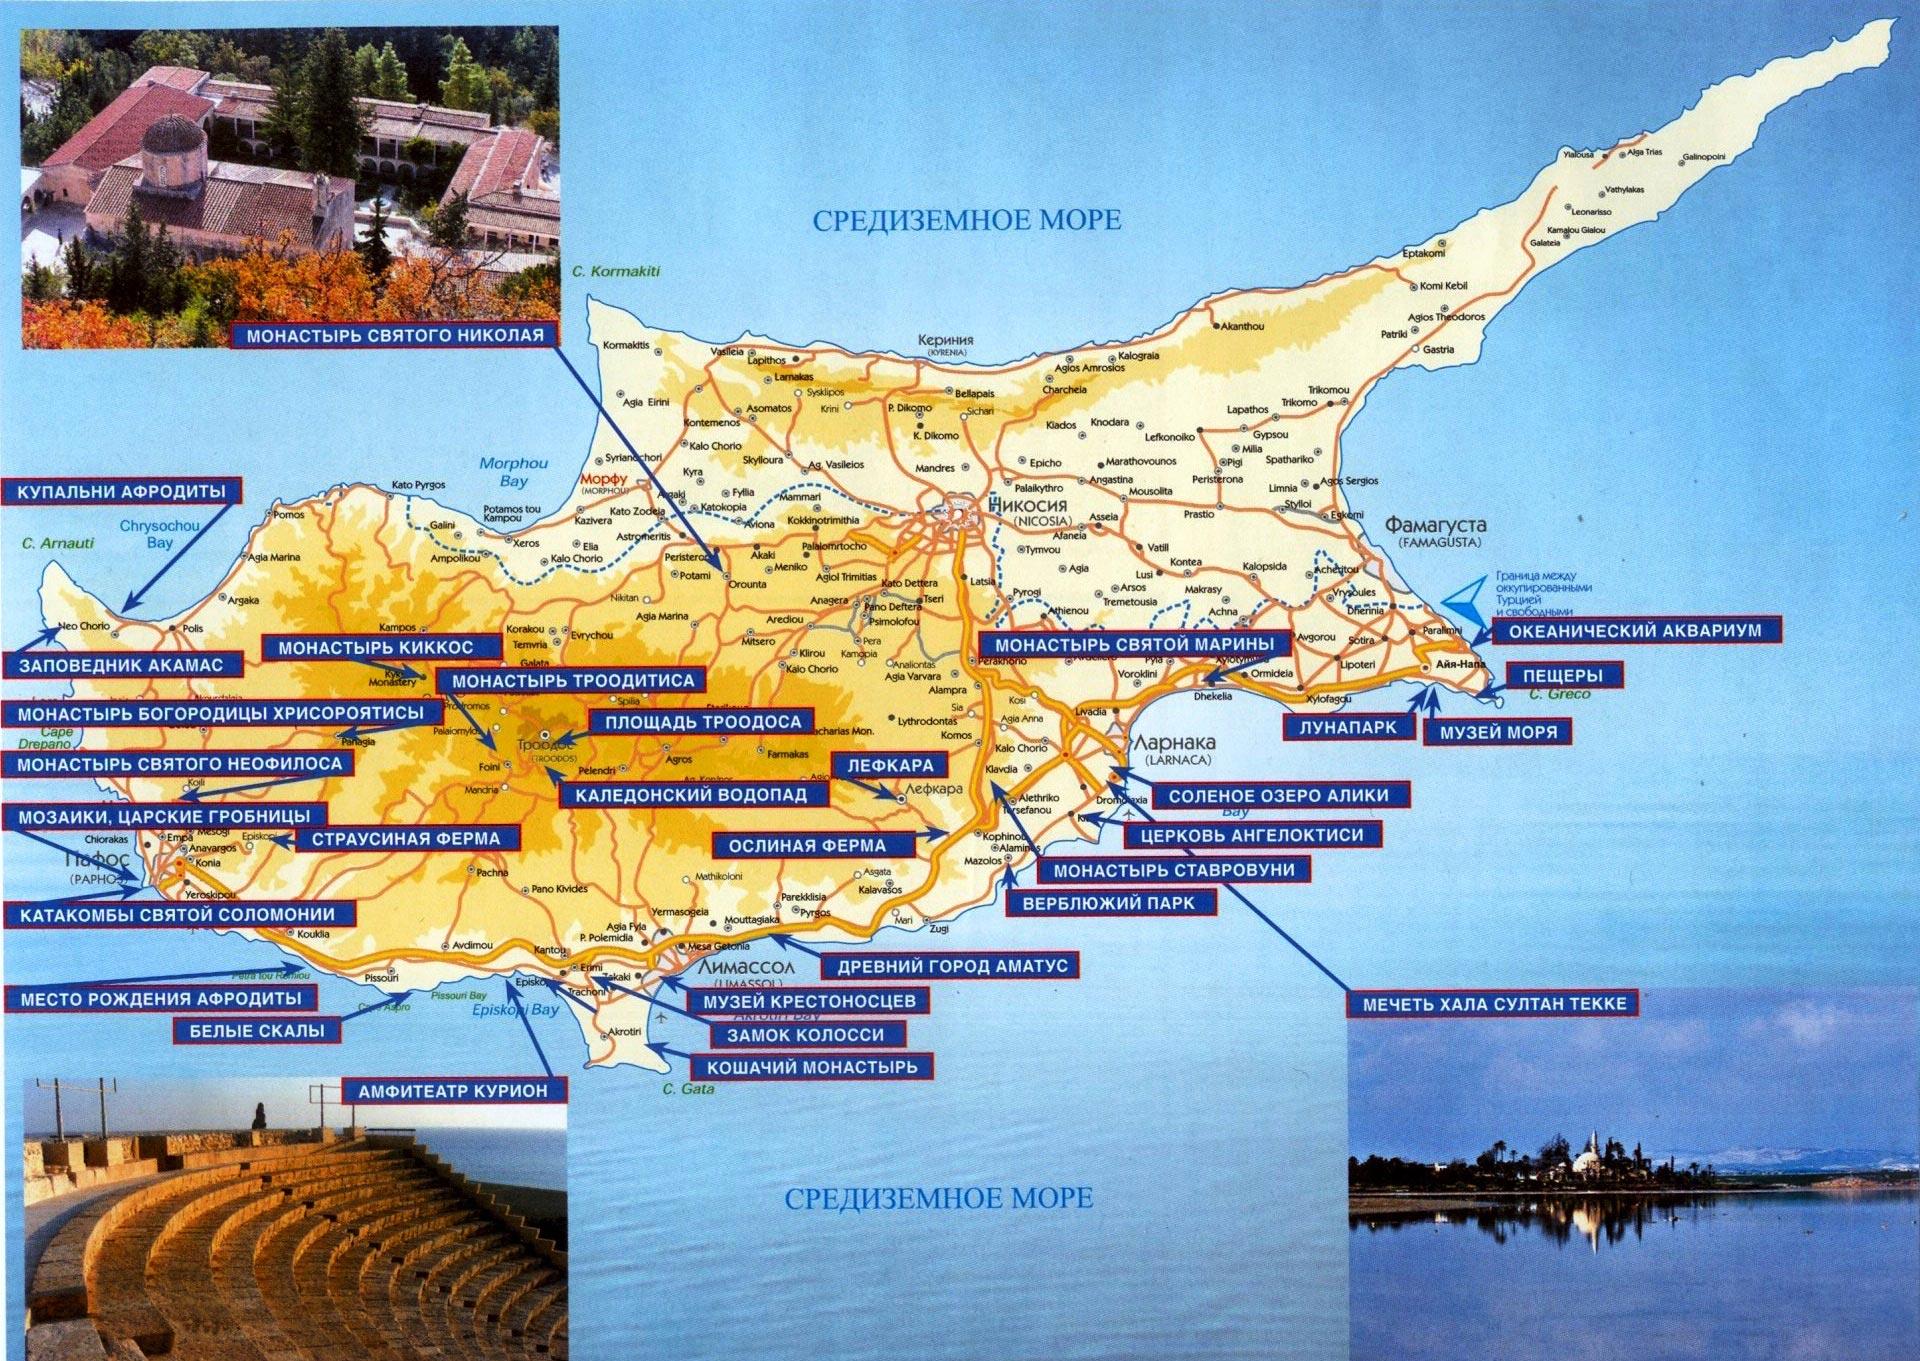 Посмотреть достопримечательности Кипра на карте фото